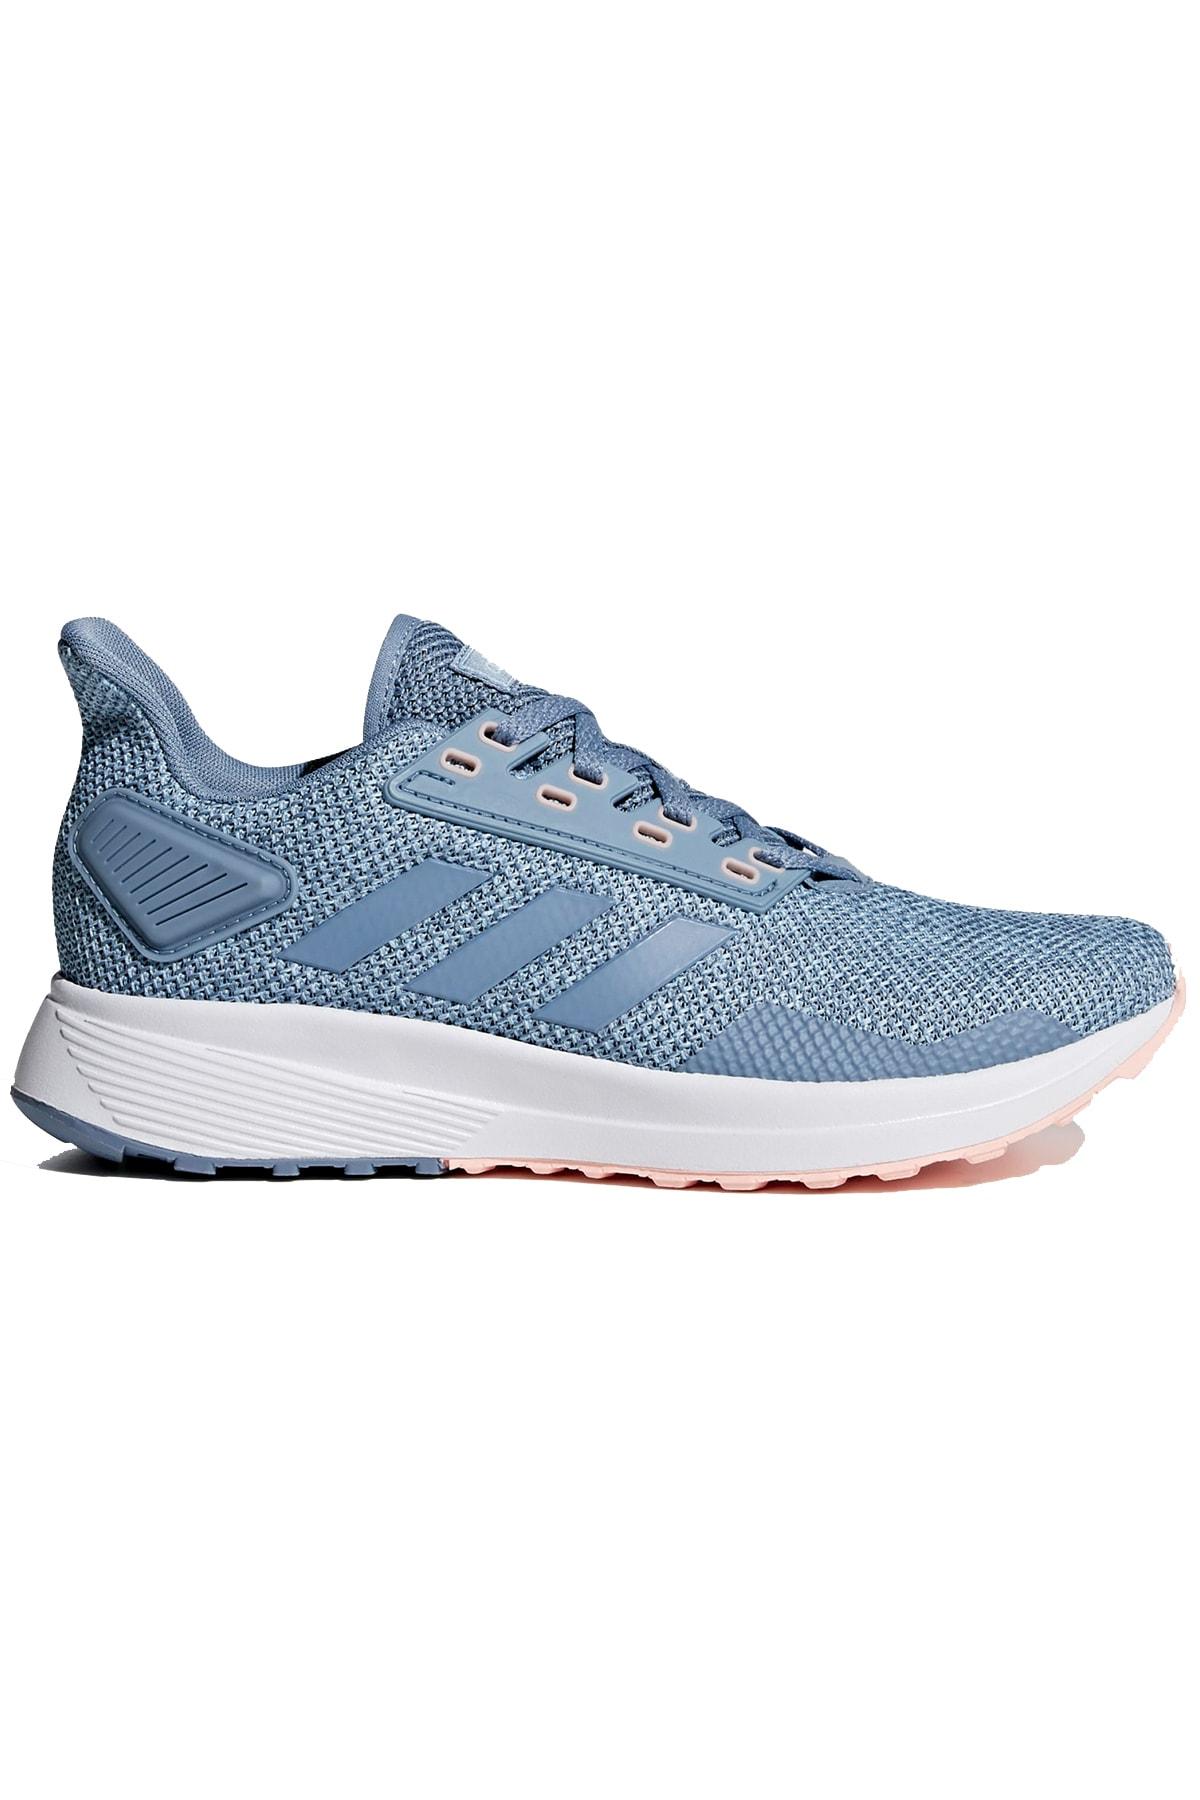 adidas Kadın Duramo 9 Koşu Ve Yürüyüş Ayakkabısı F34762 1